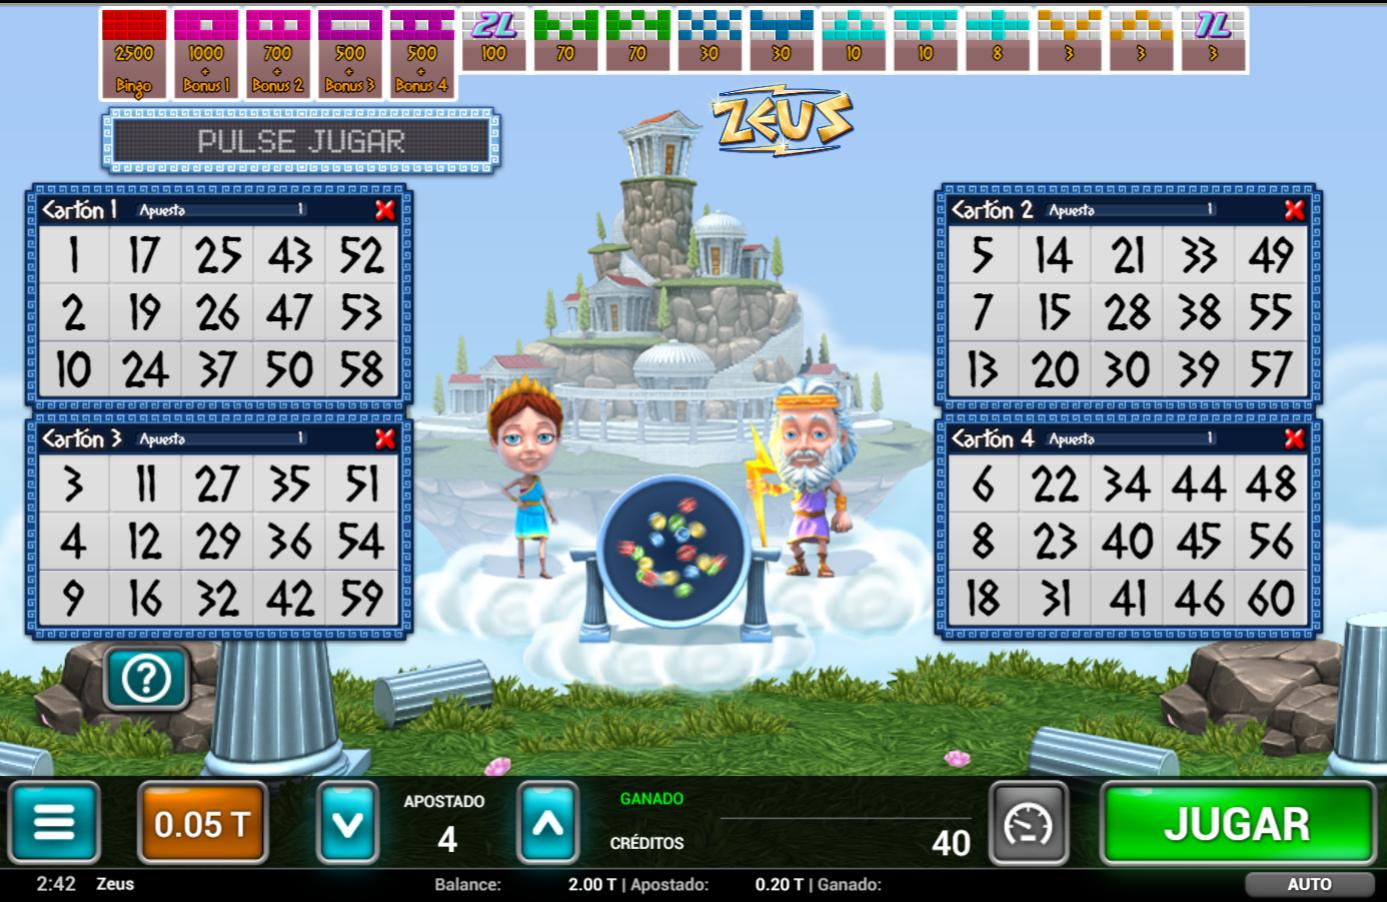 Promociones para casinos opiniones tragaperra Frankenstein-287160